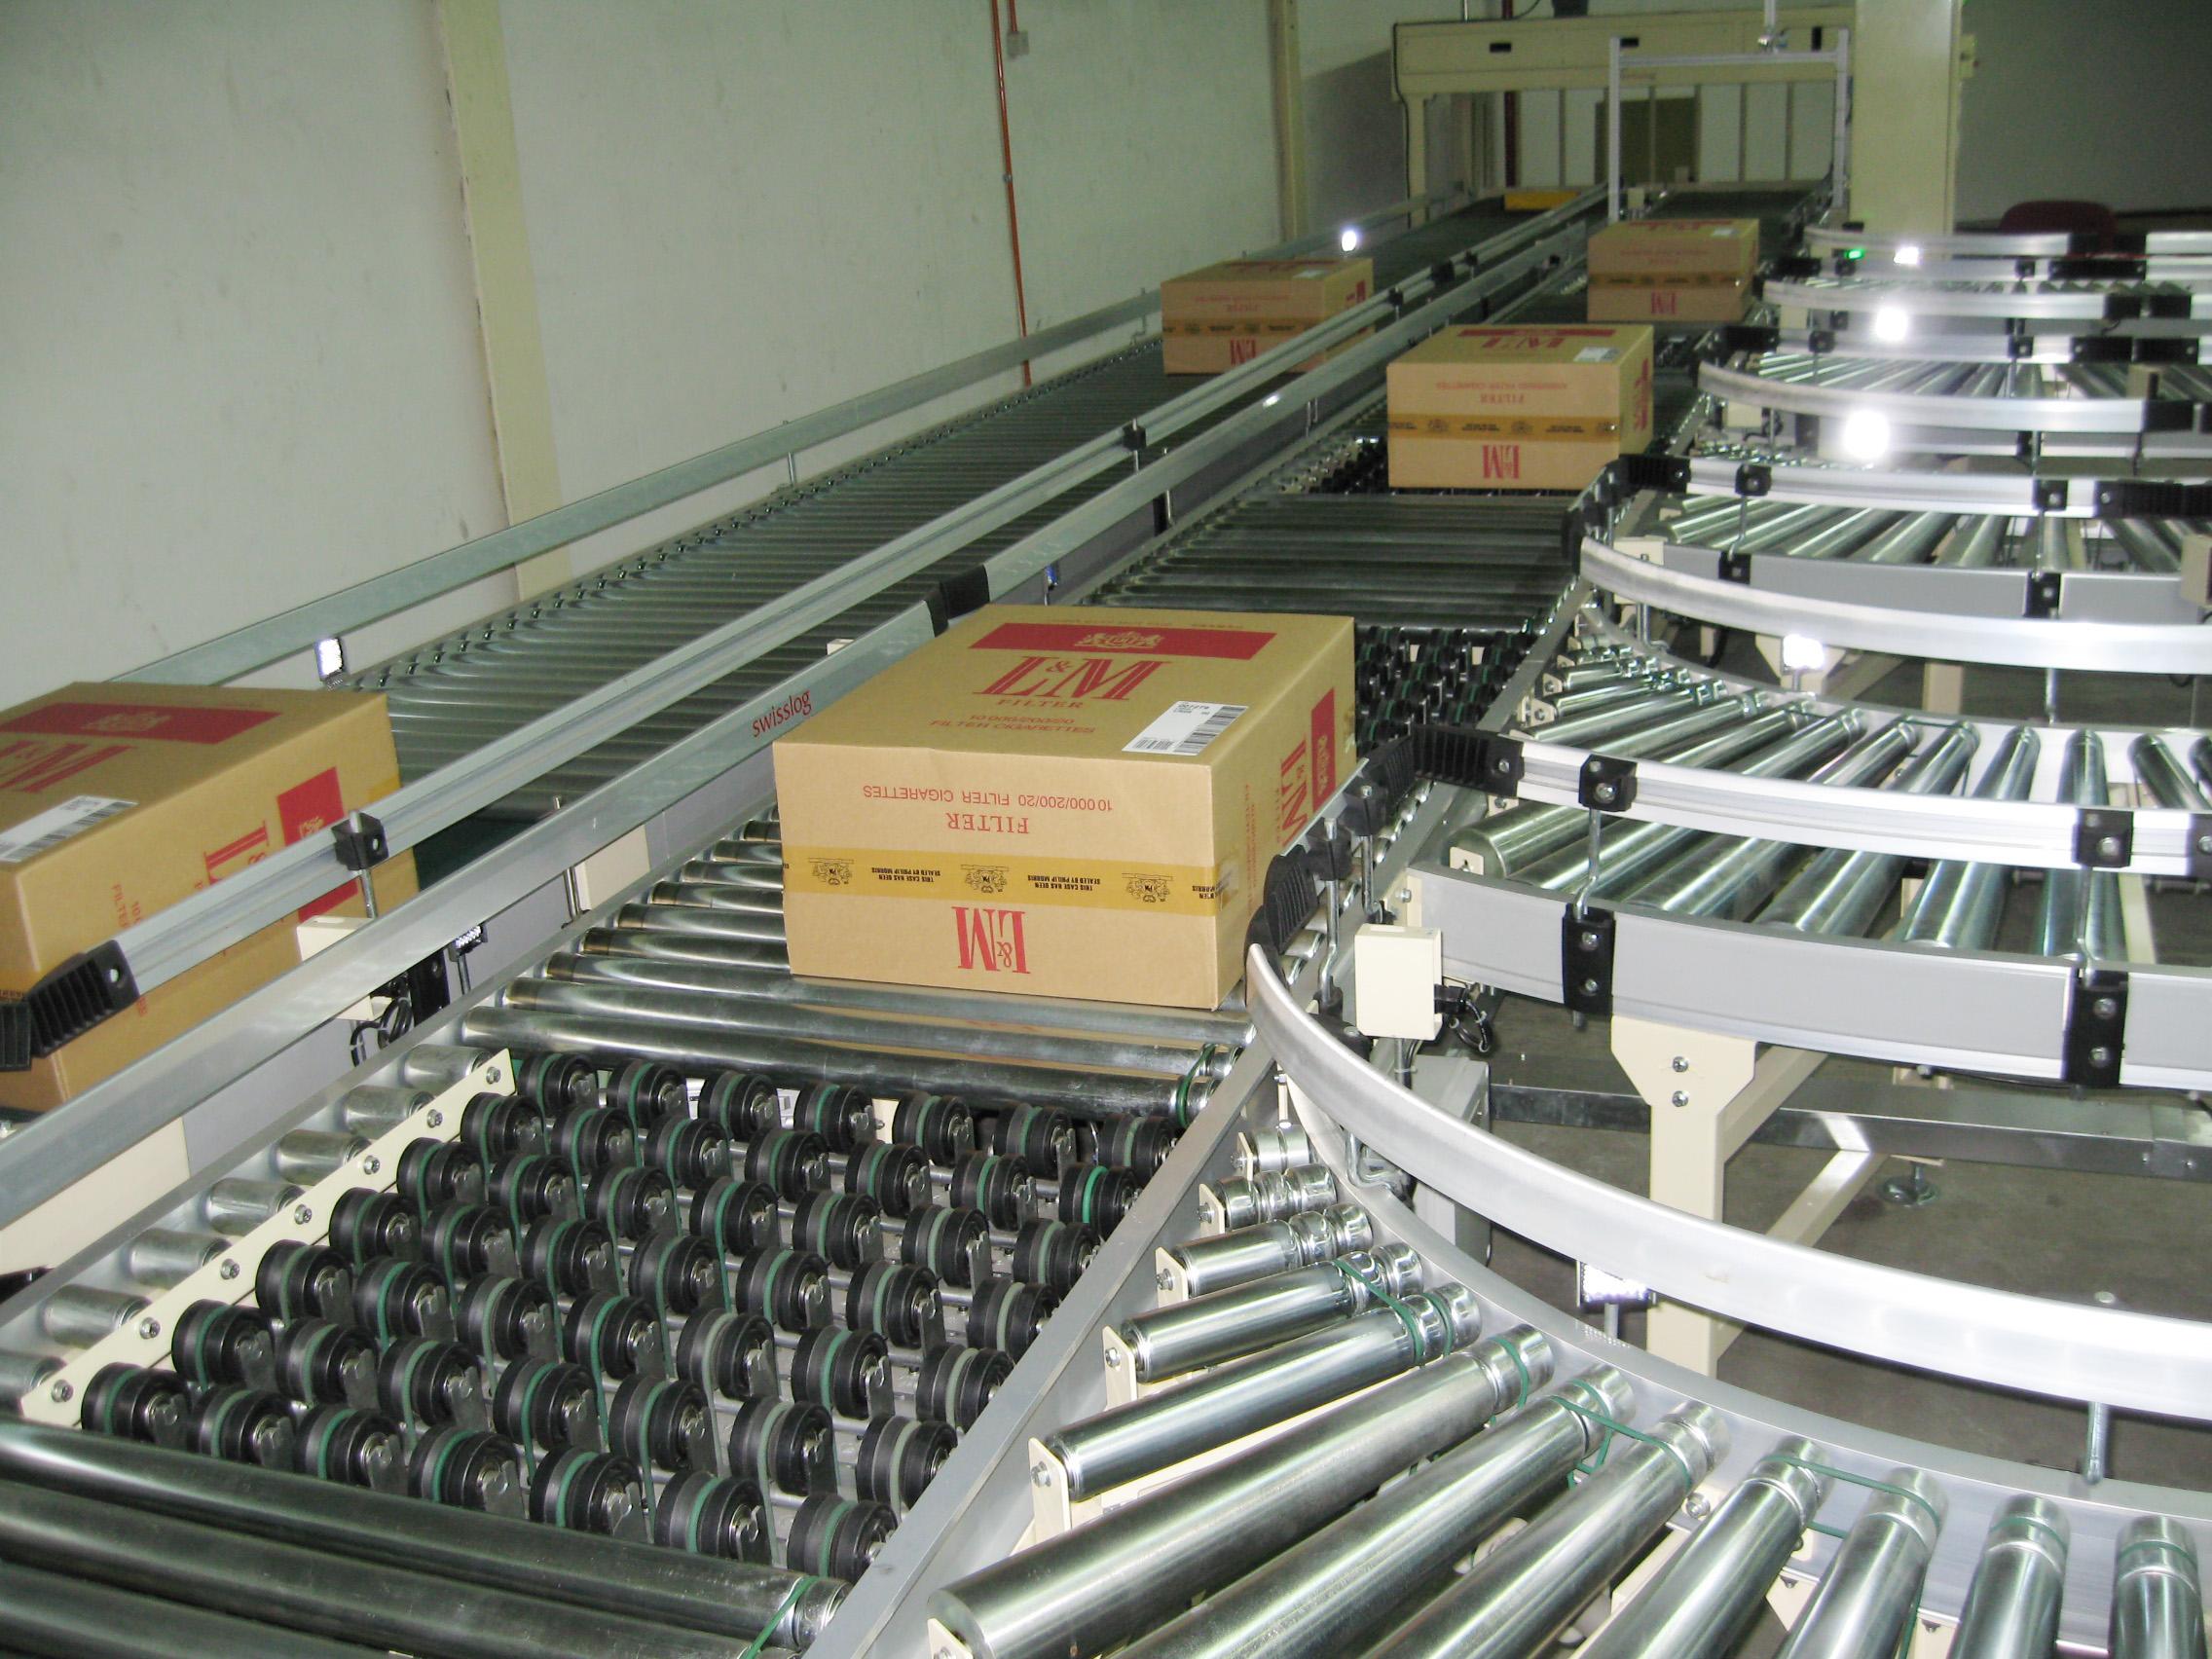 上海电商分拣线价格 上海电商分拣线报价 上海分拣线生产厂家